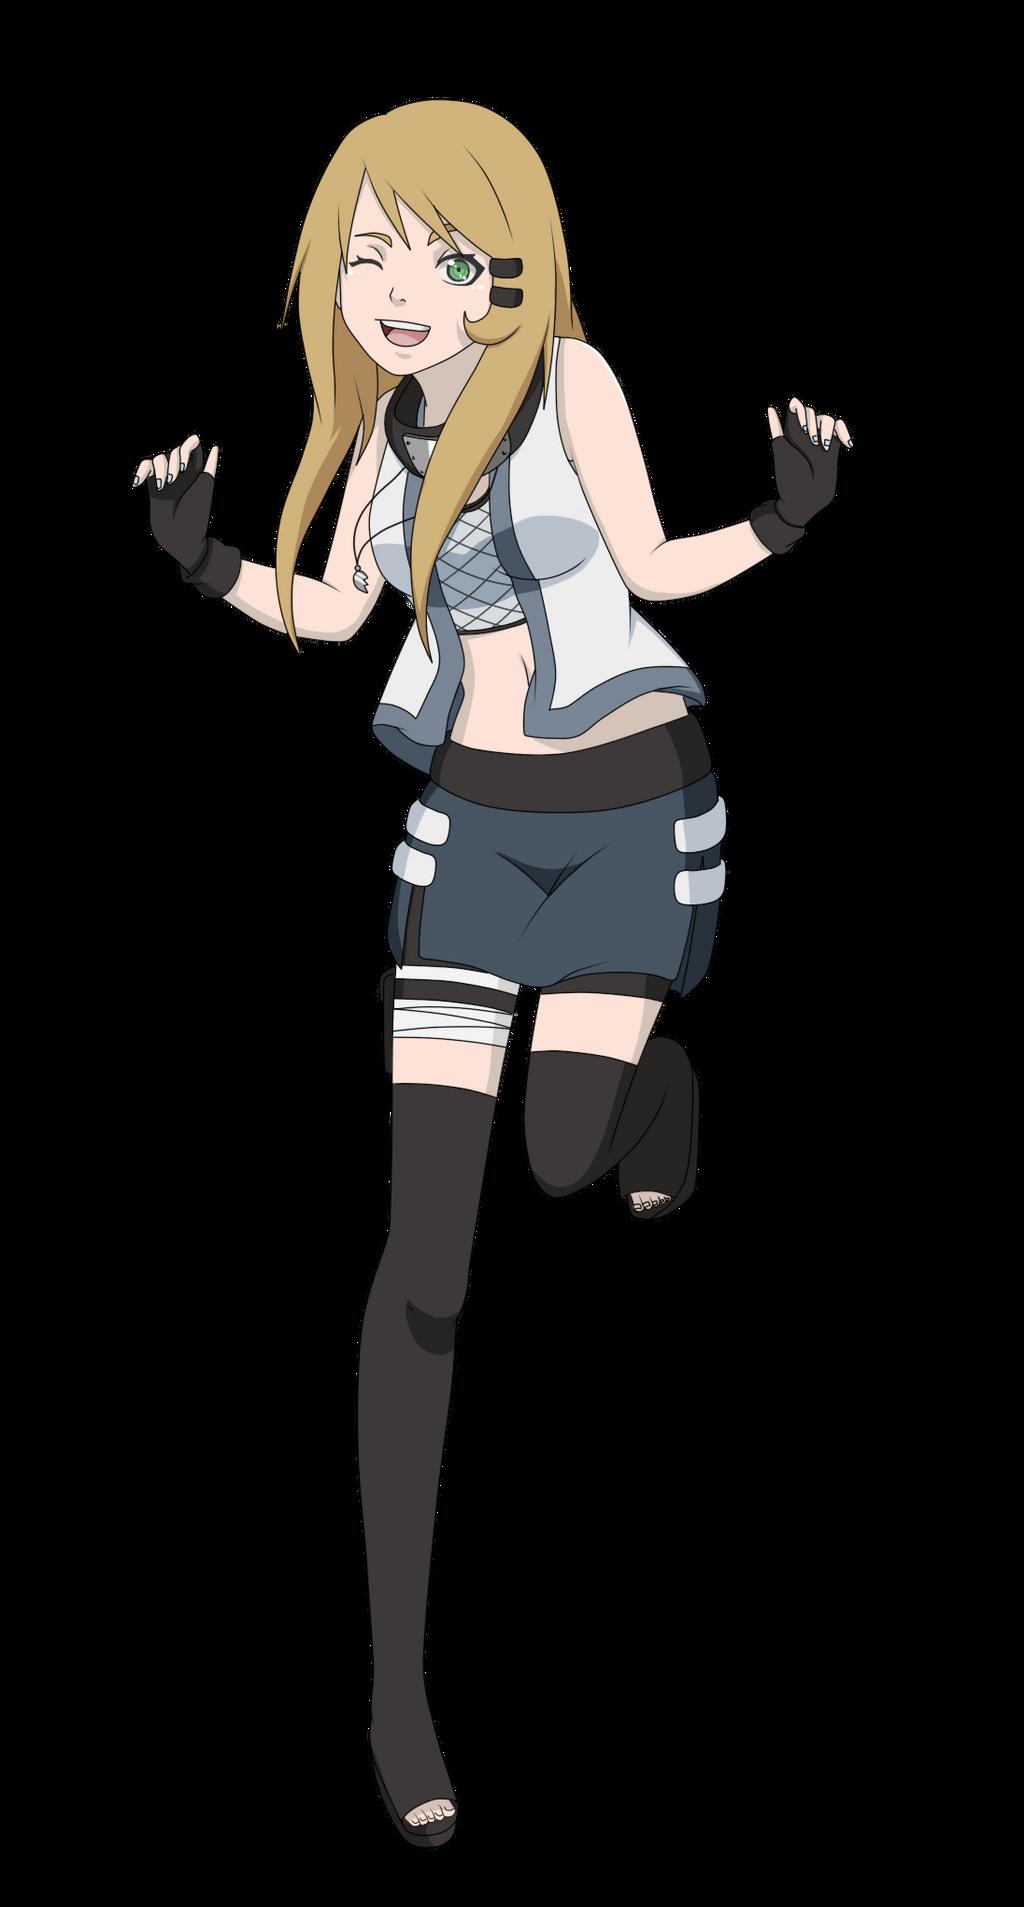 Louise Norwood Asuka_takashi_new_outfit_by_mashunya_chan-d4rruaq